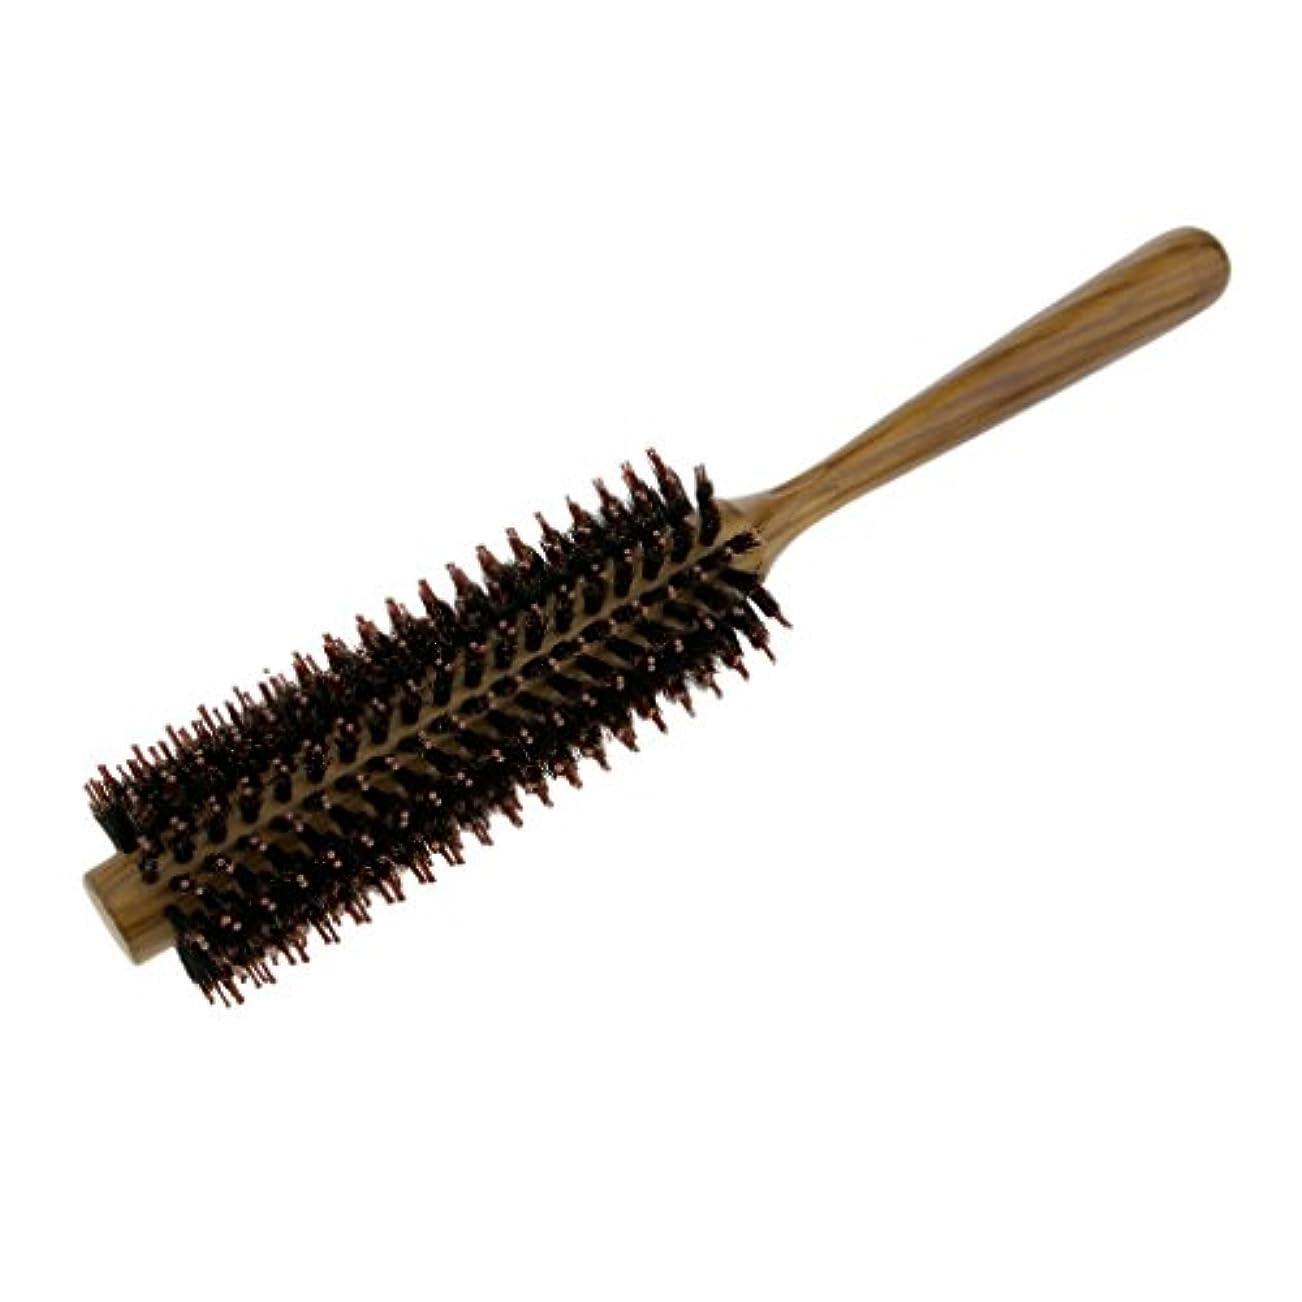 おんどりセールスマン変換するサロン毛カールヘアラウンドブラシバレルヘアスタイリング櫛ヘアブラシ - M